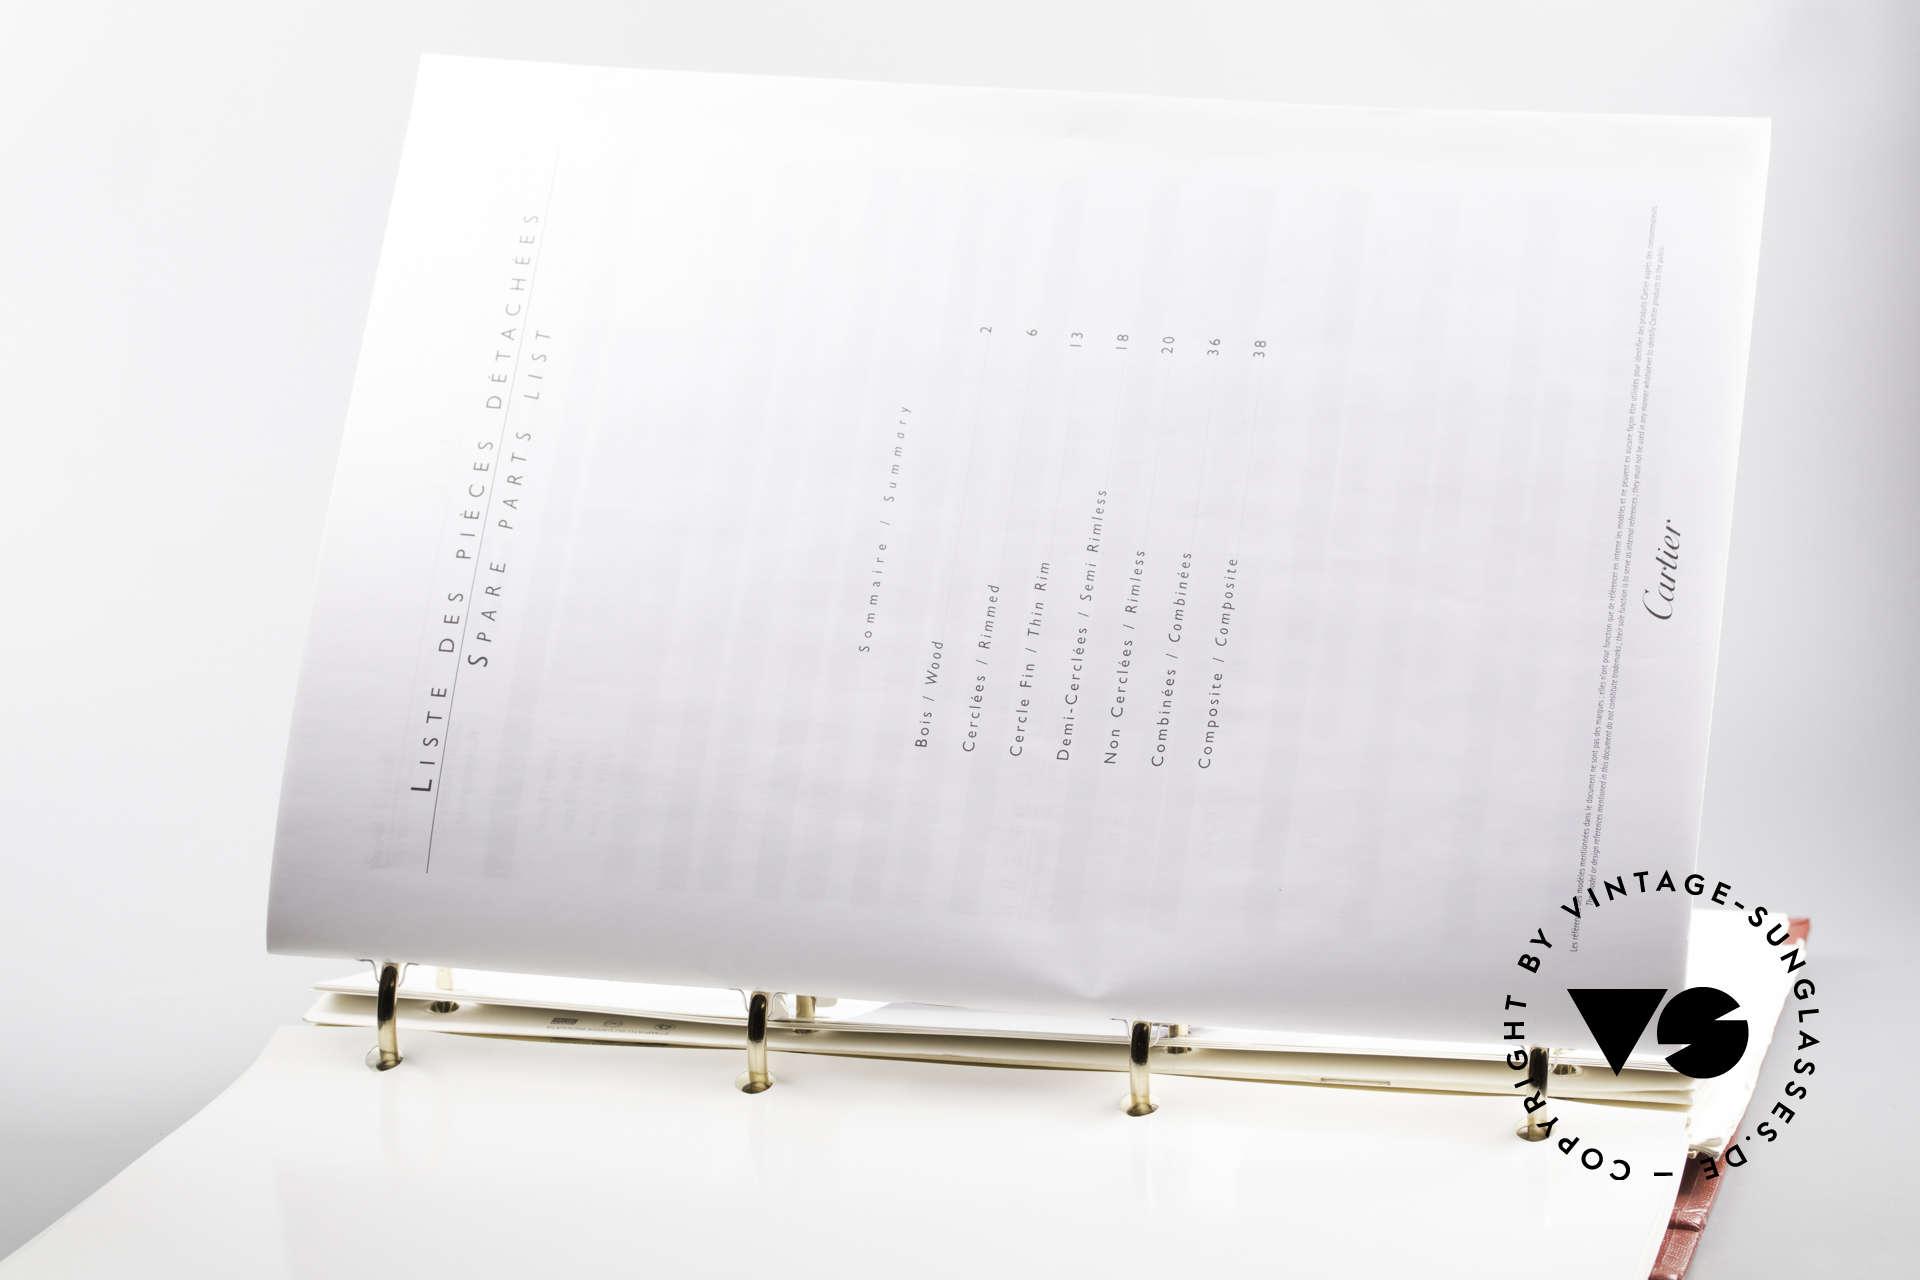 Cartier_ Catalog Cartier Journal Preislisten, spannendes Sammlerstück im gebrauchten Top-Zustand, Passend für Herren und Damen